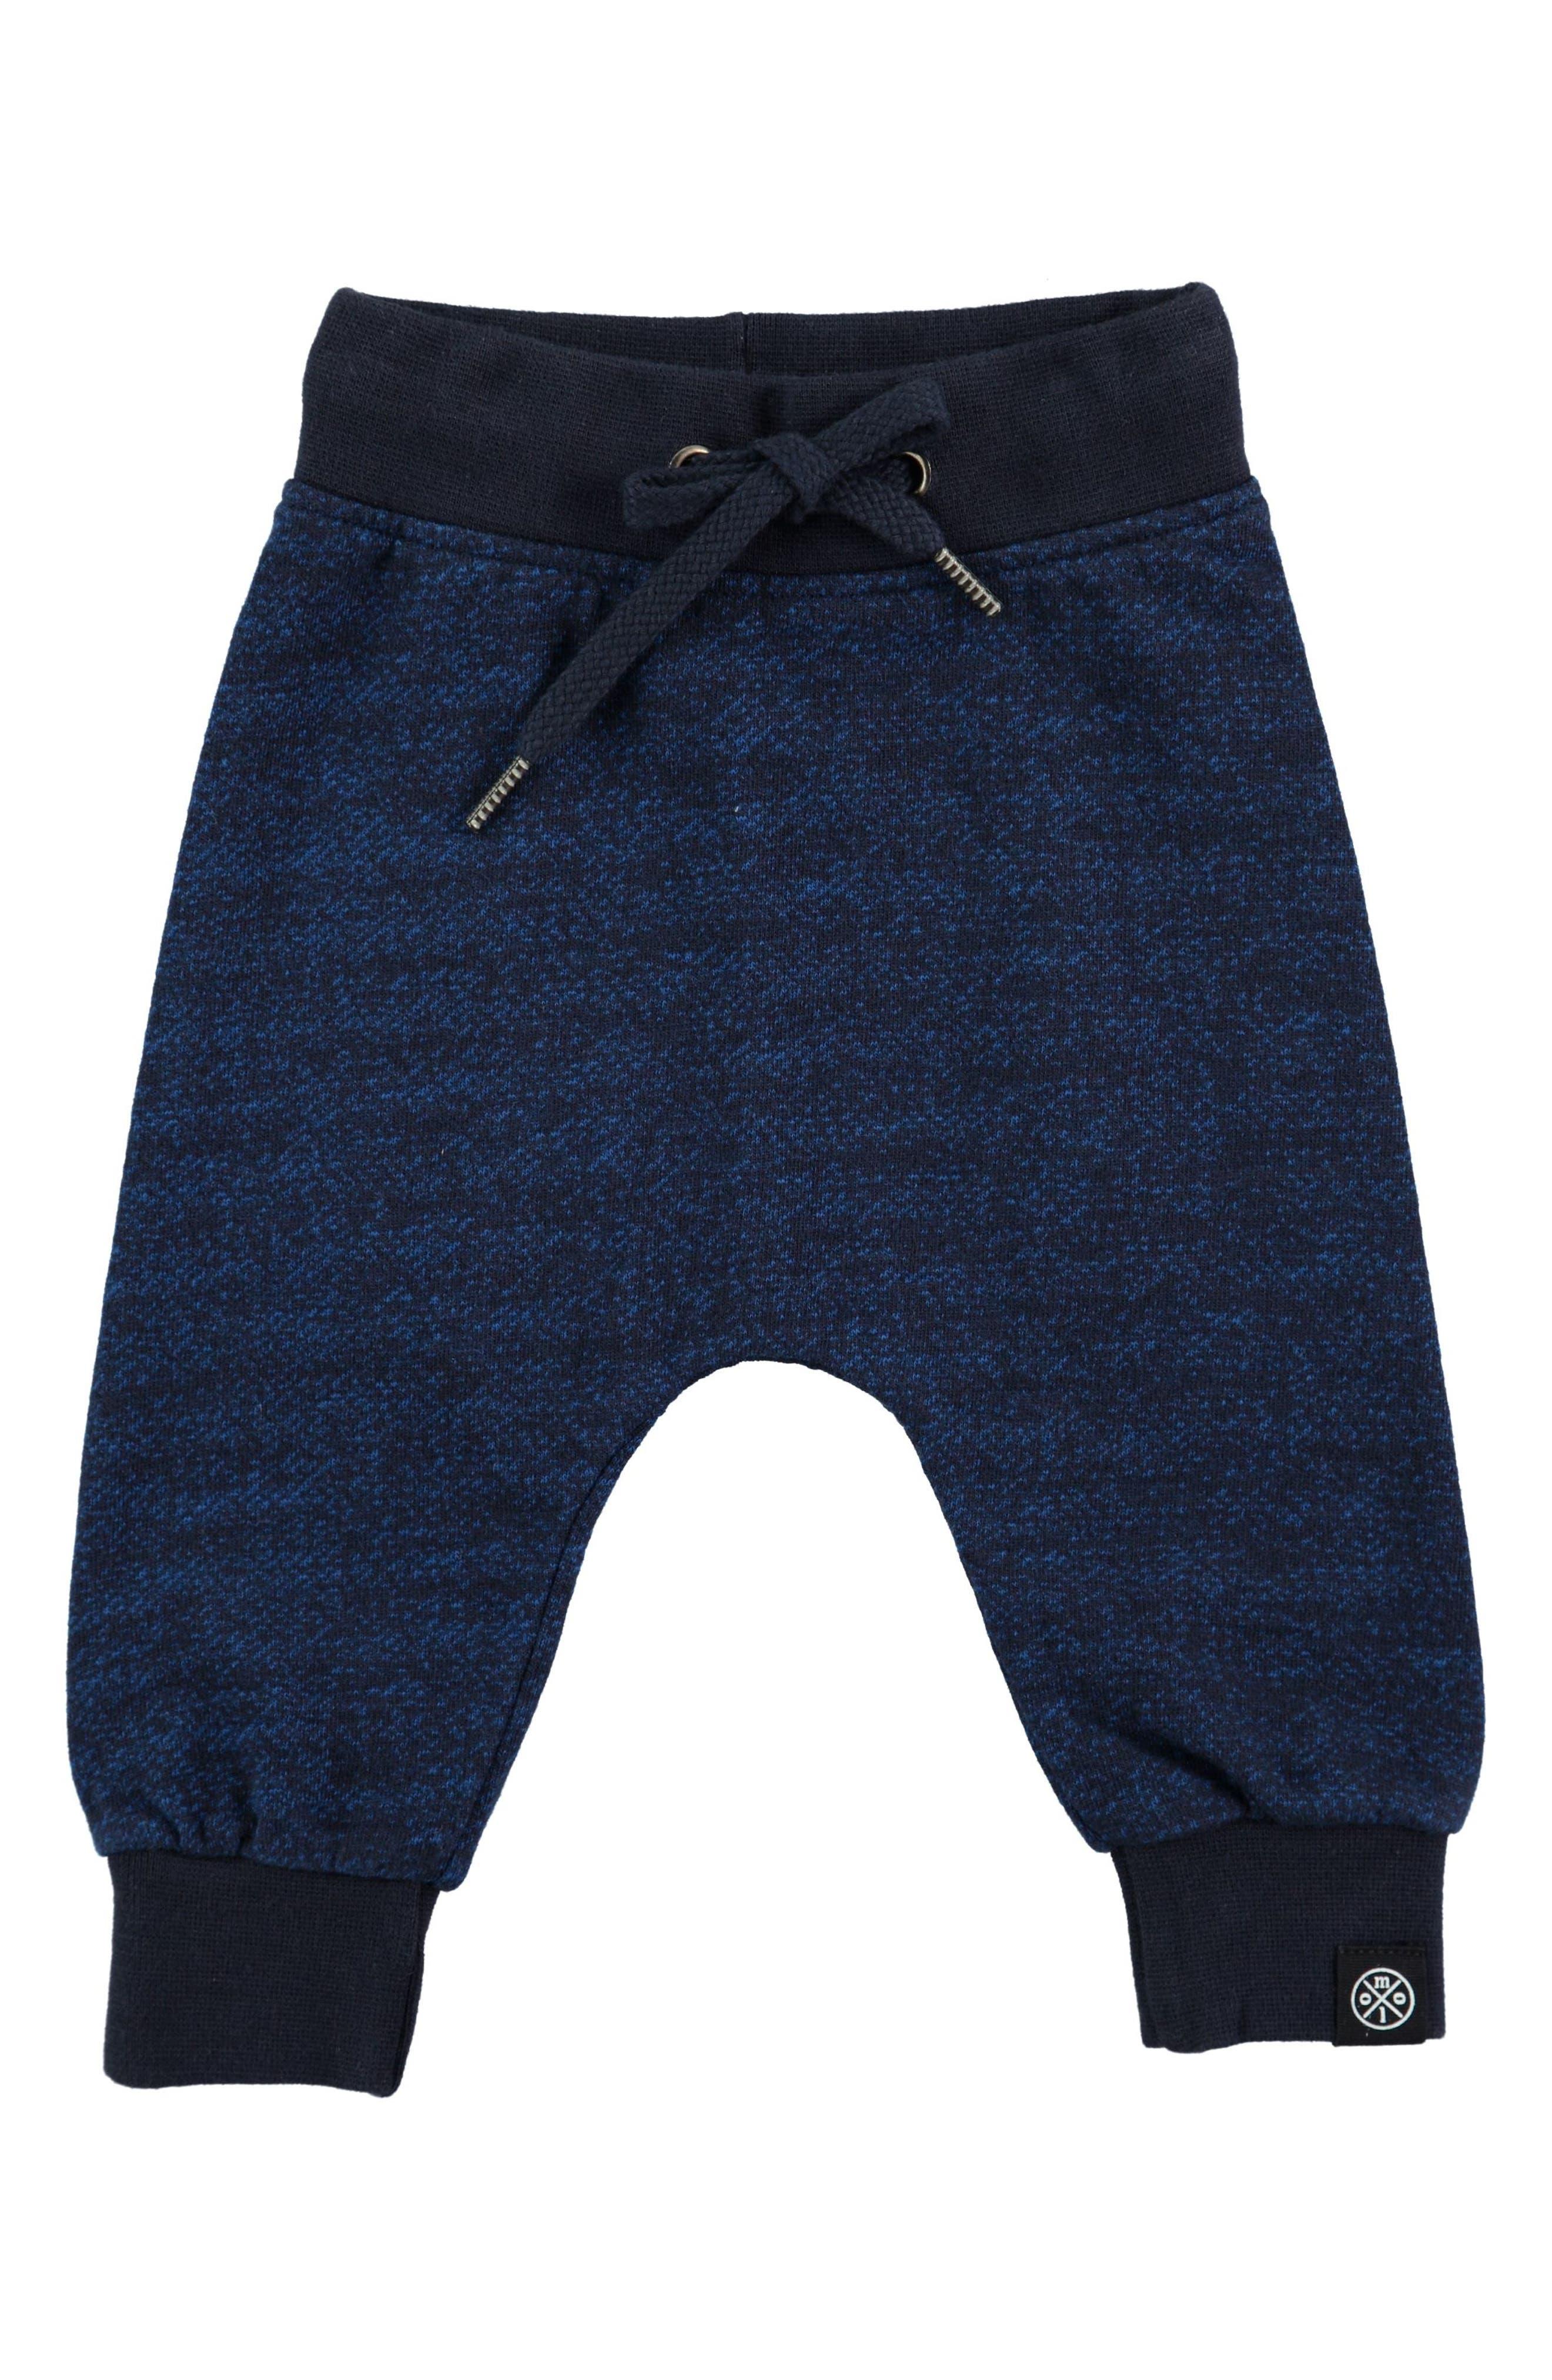 Sting Jogger Pants,                             Main thumbnail 1, color,                             Navy Blazer